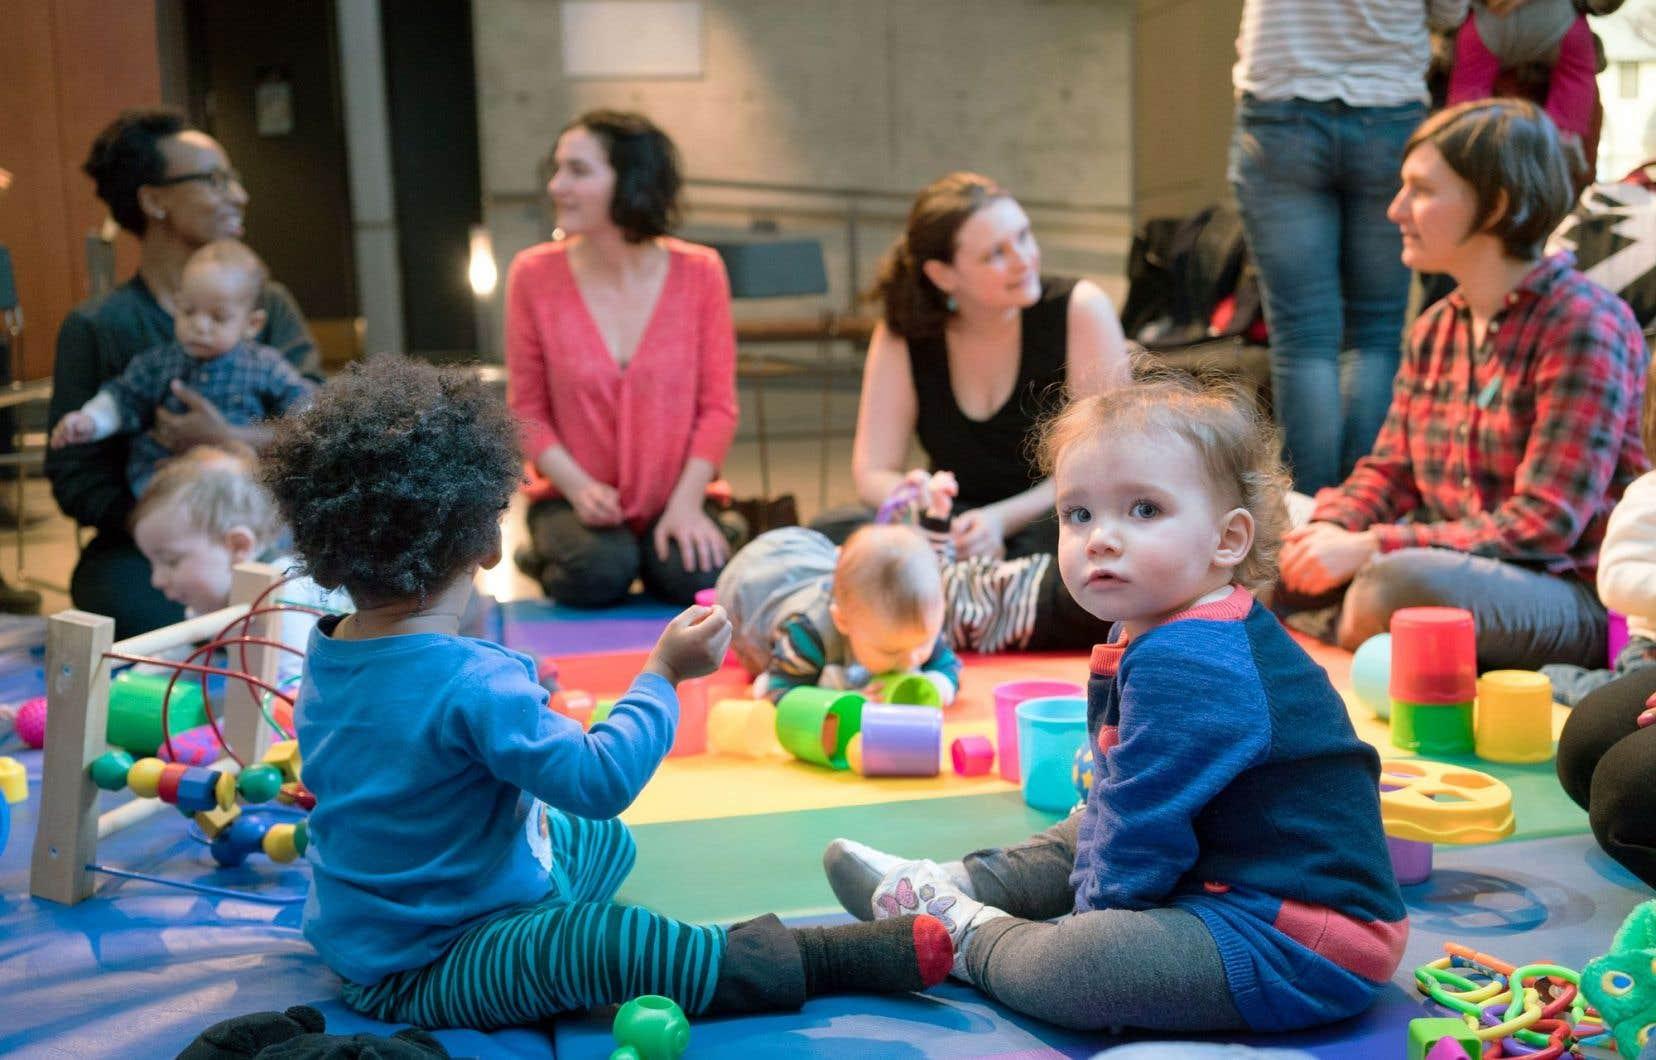 Les musées regorgeront d'activités à réaliser en famille tout au long de l'été.